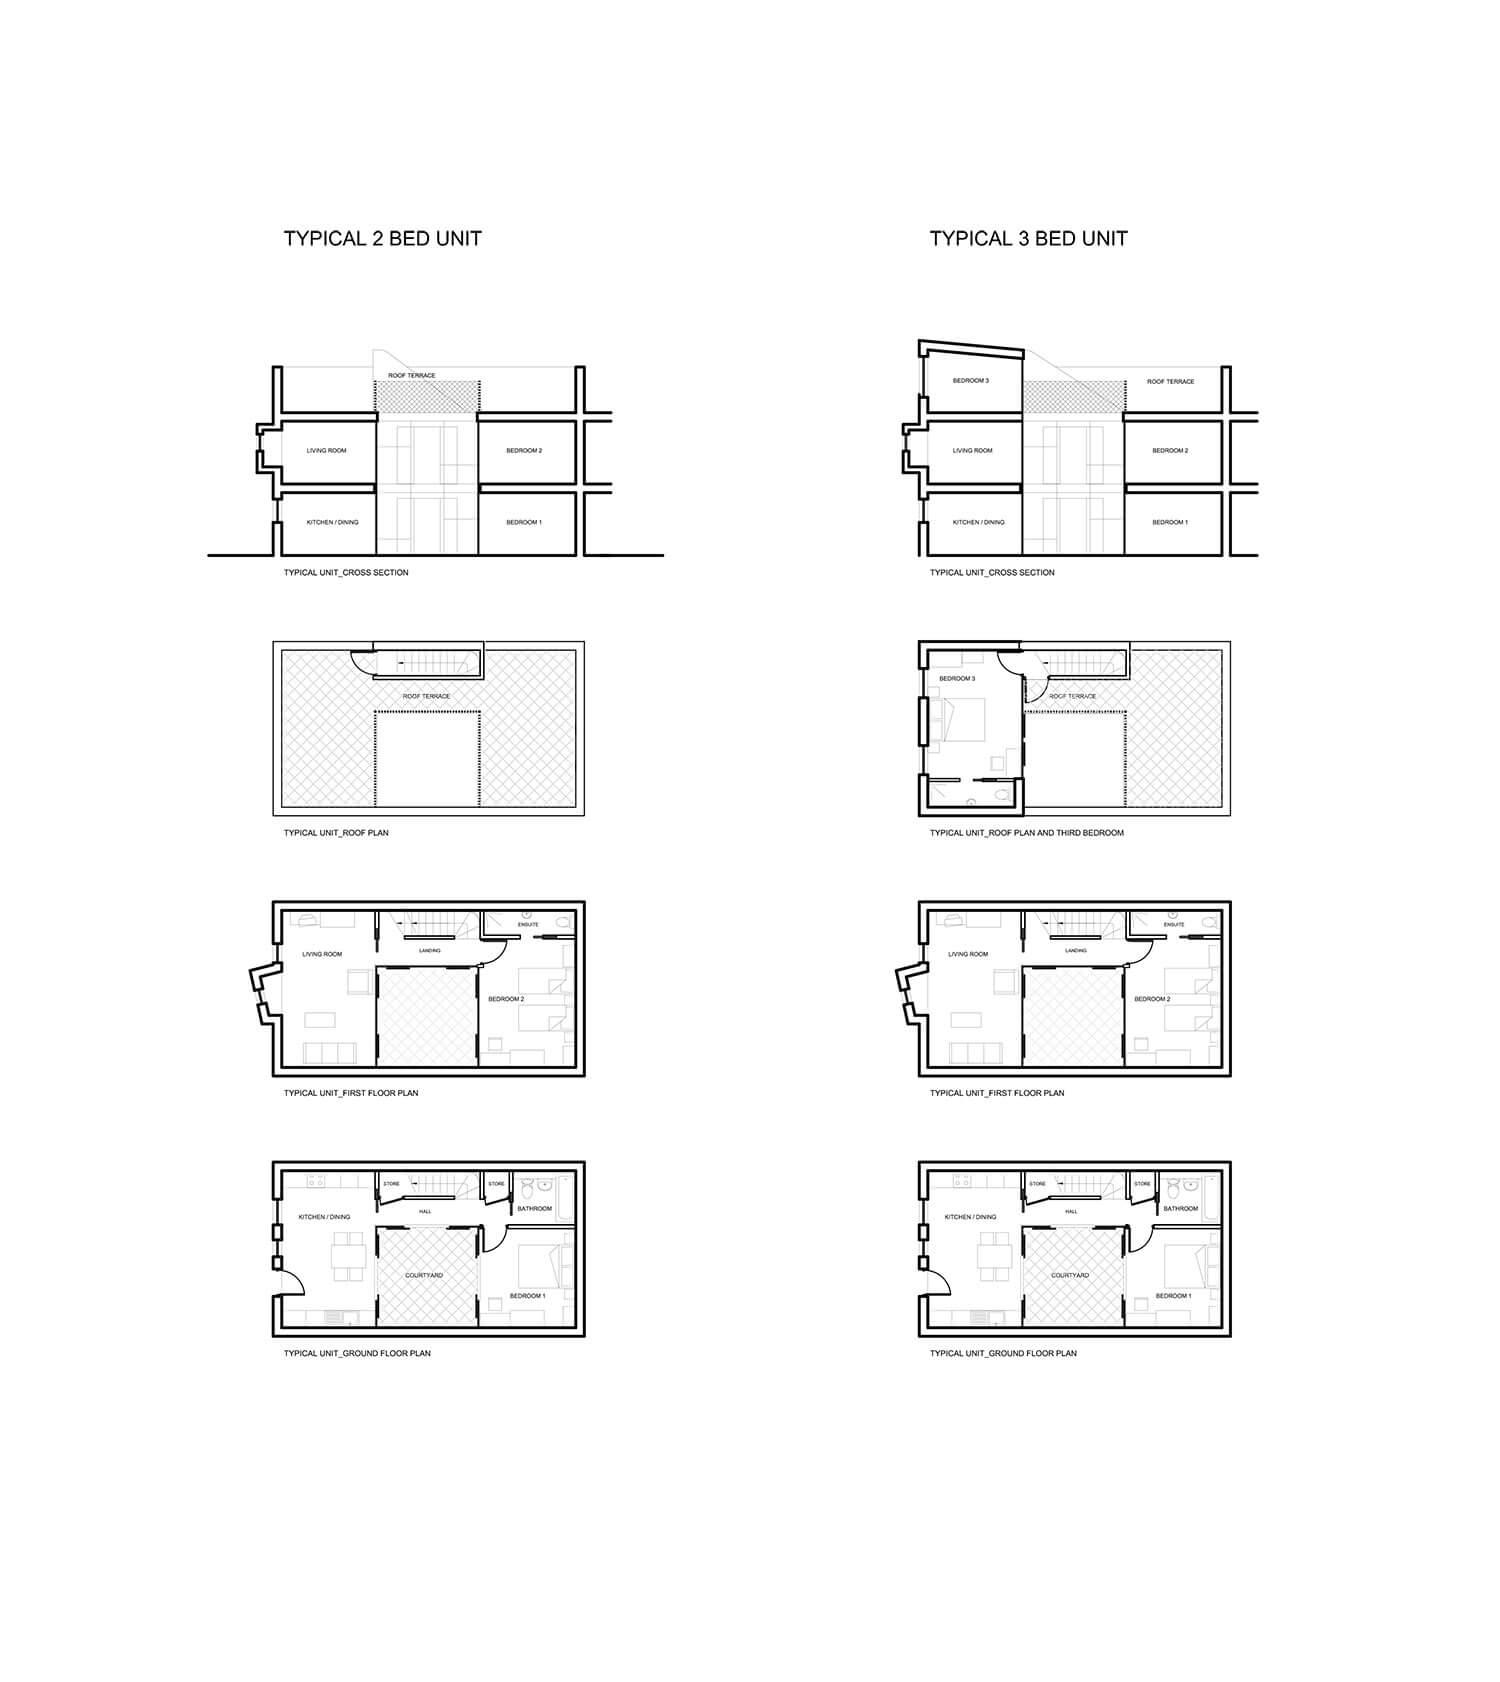 Coldbath_Typical+Unit+with+Courtyard_1;200.jpg